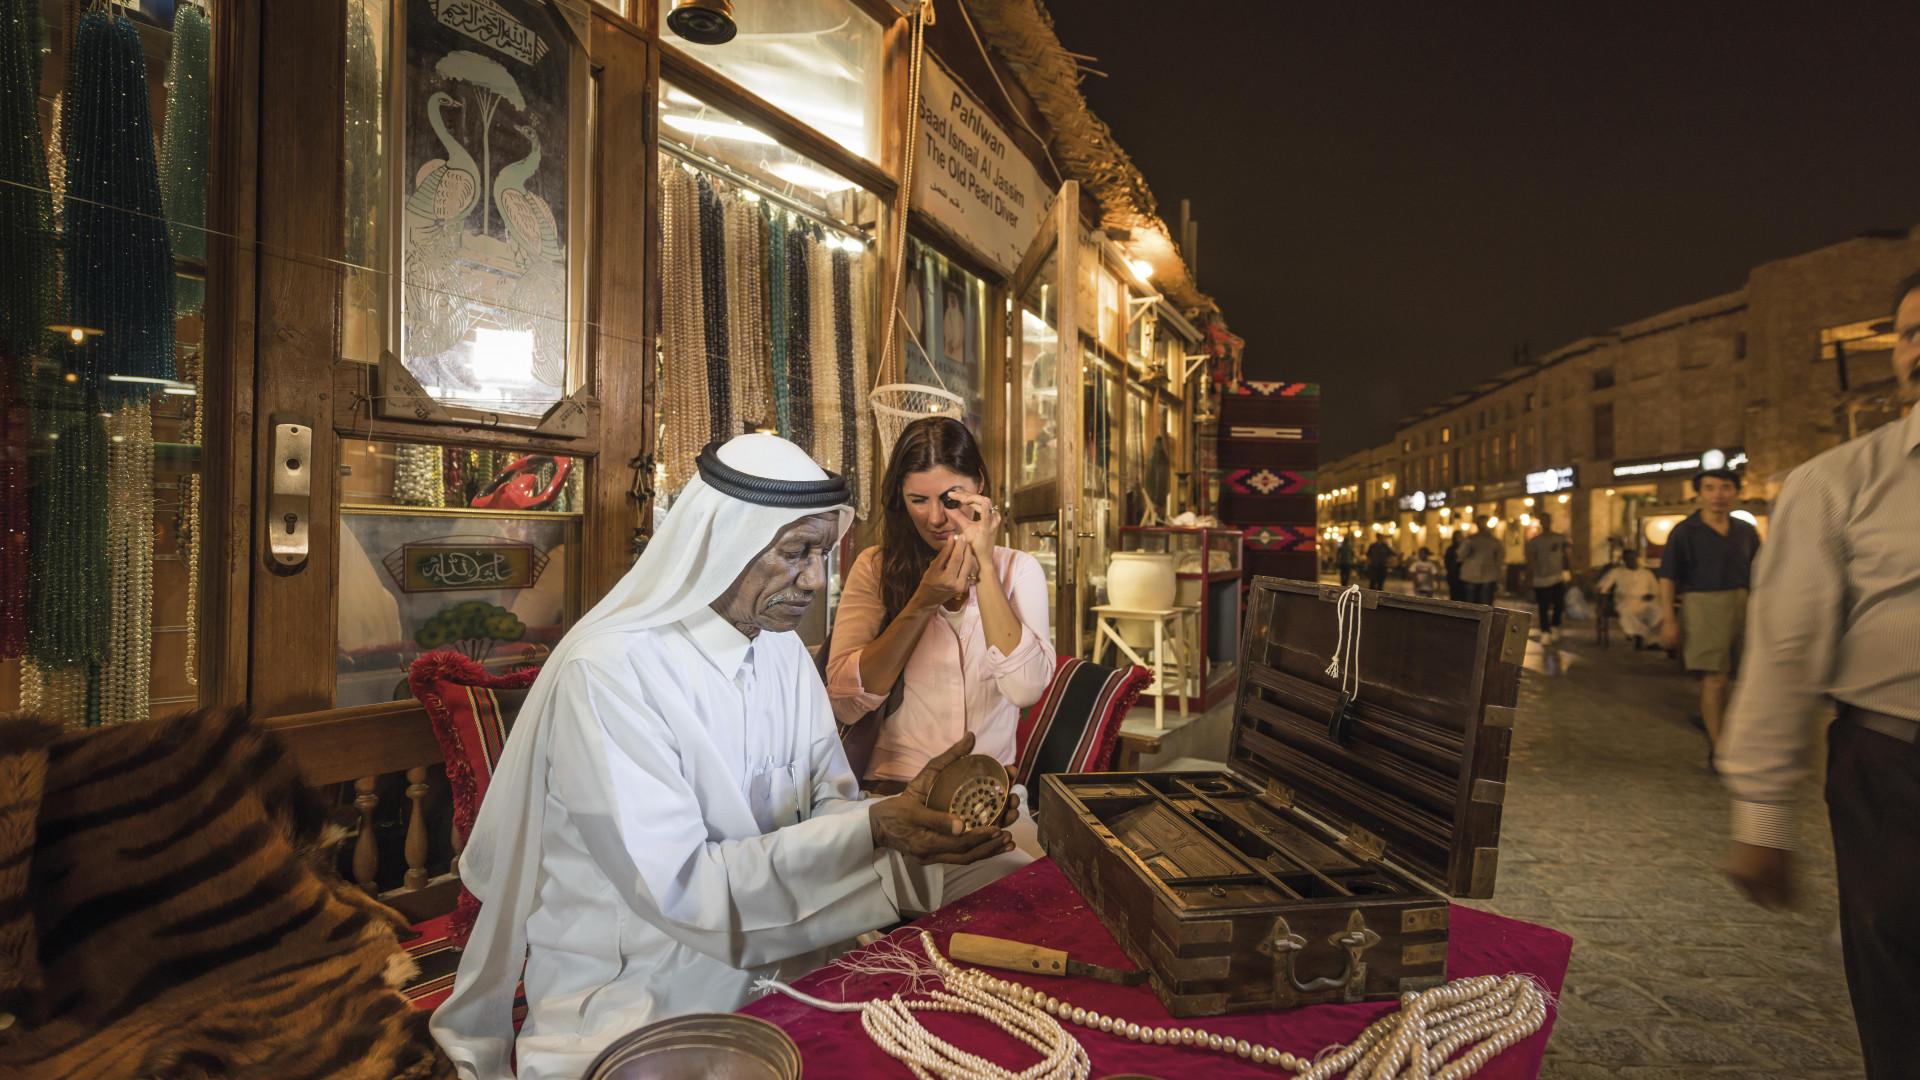 Exploring Souq Waqif in Doha, Qatar